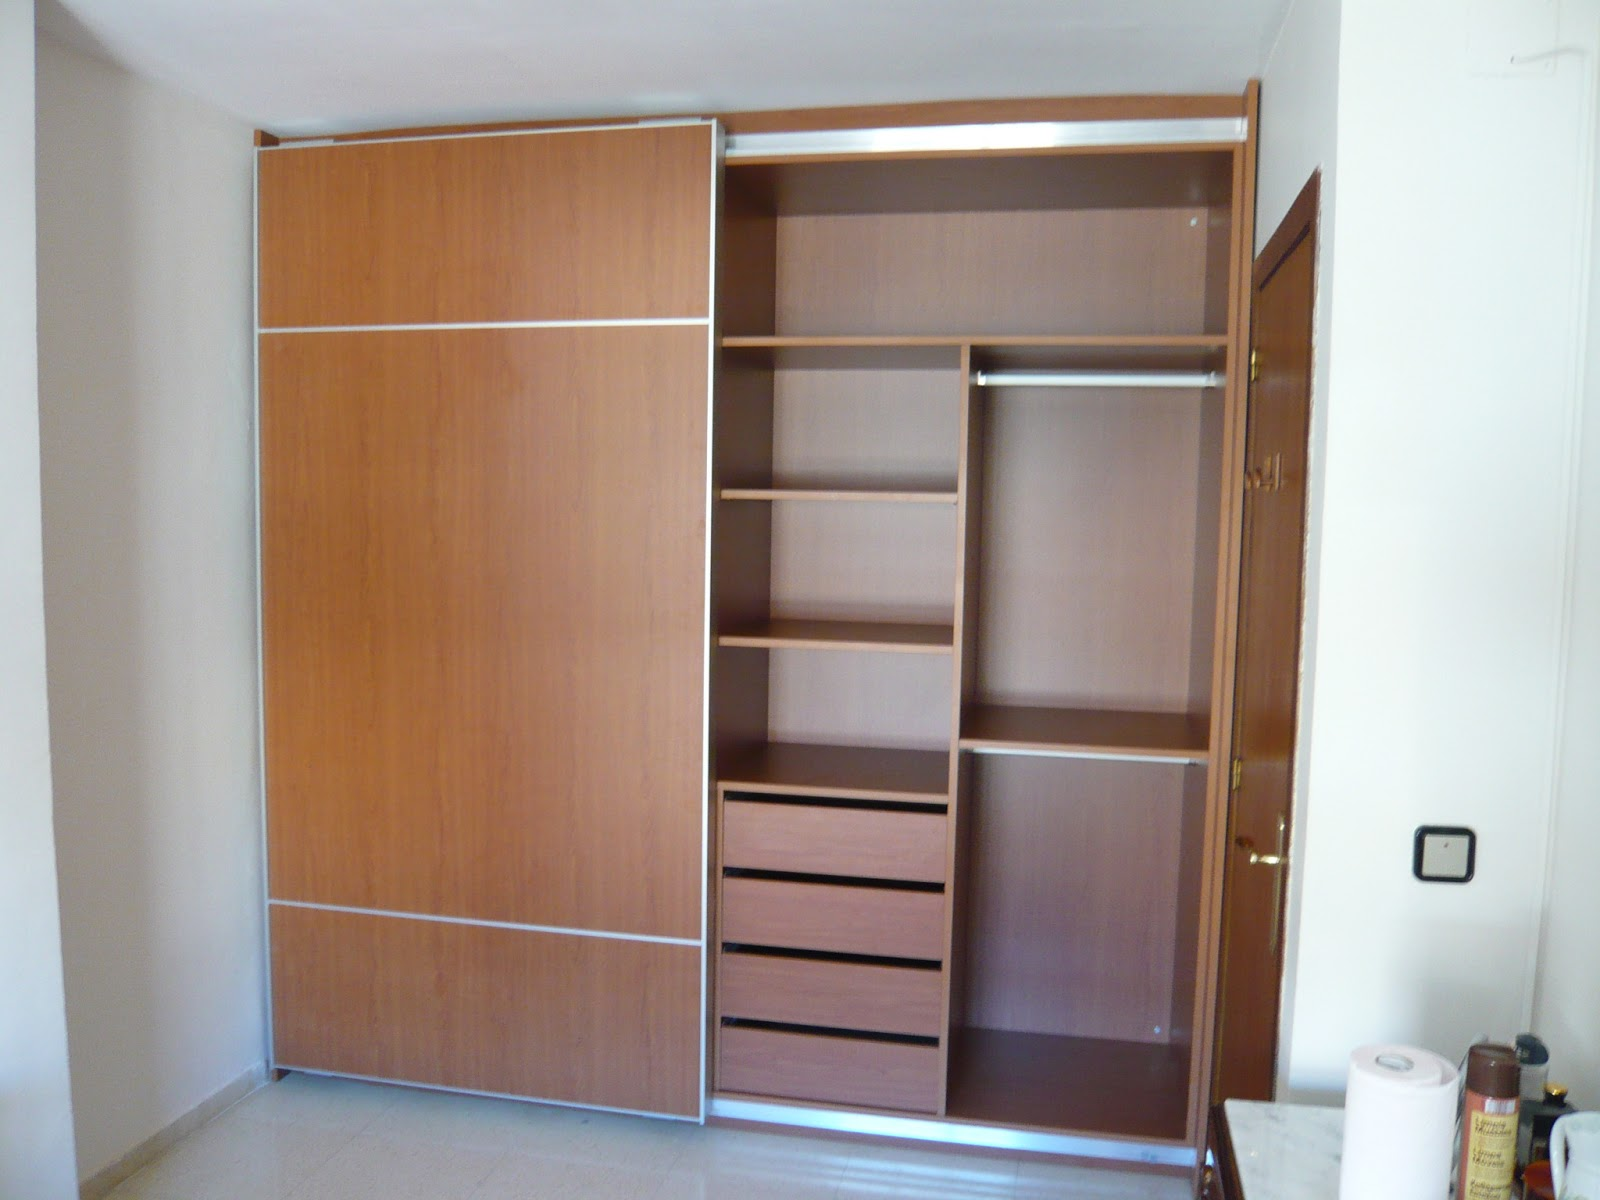 Reuscuina mueble puertas correderas con 1 espejo - Muebles con puertas correderas ...